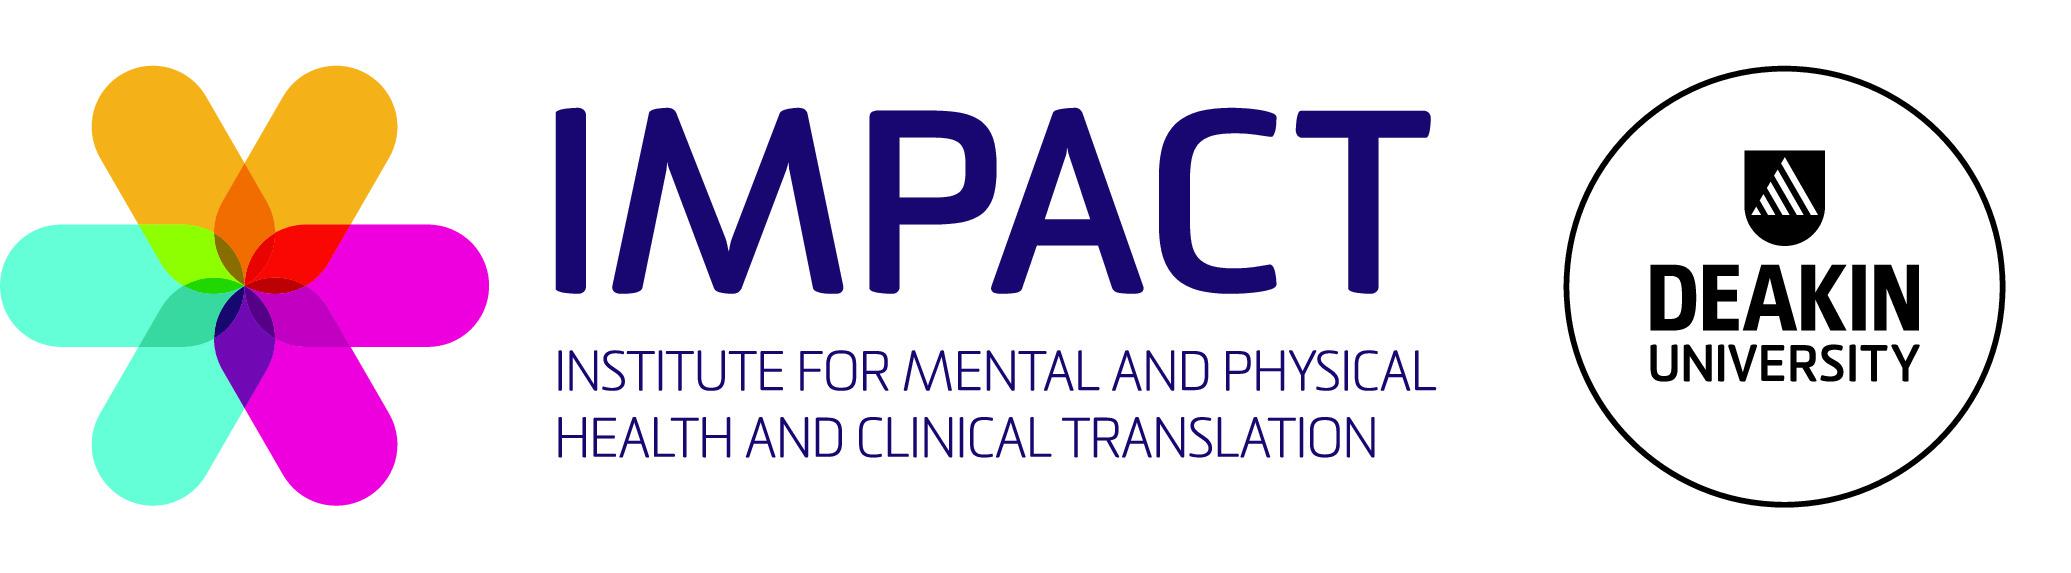 IMPACT_logo_FA OL-1